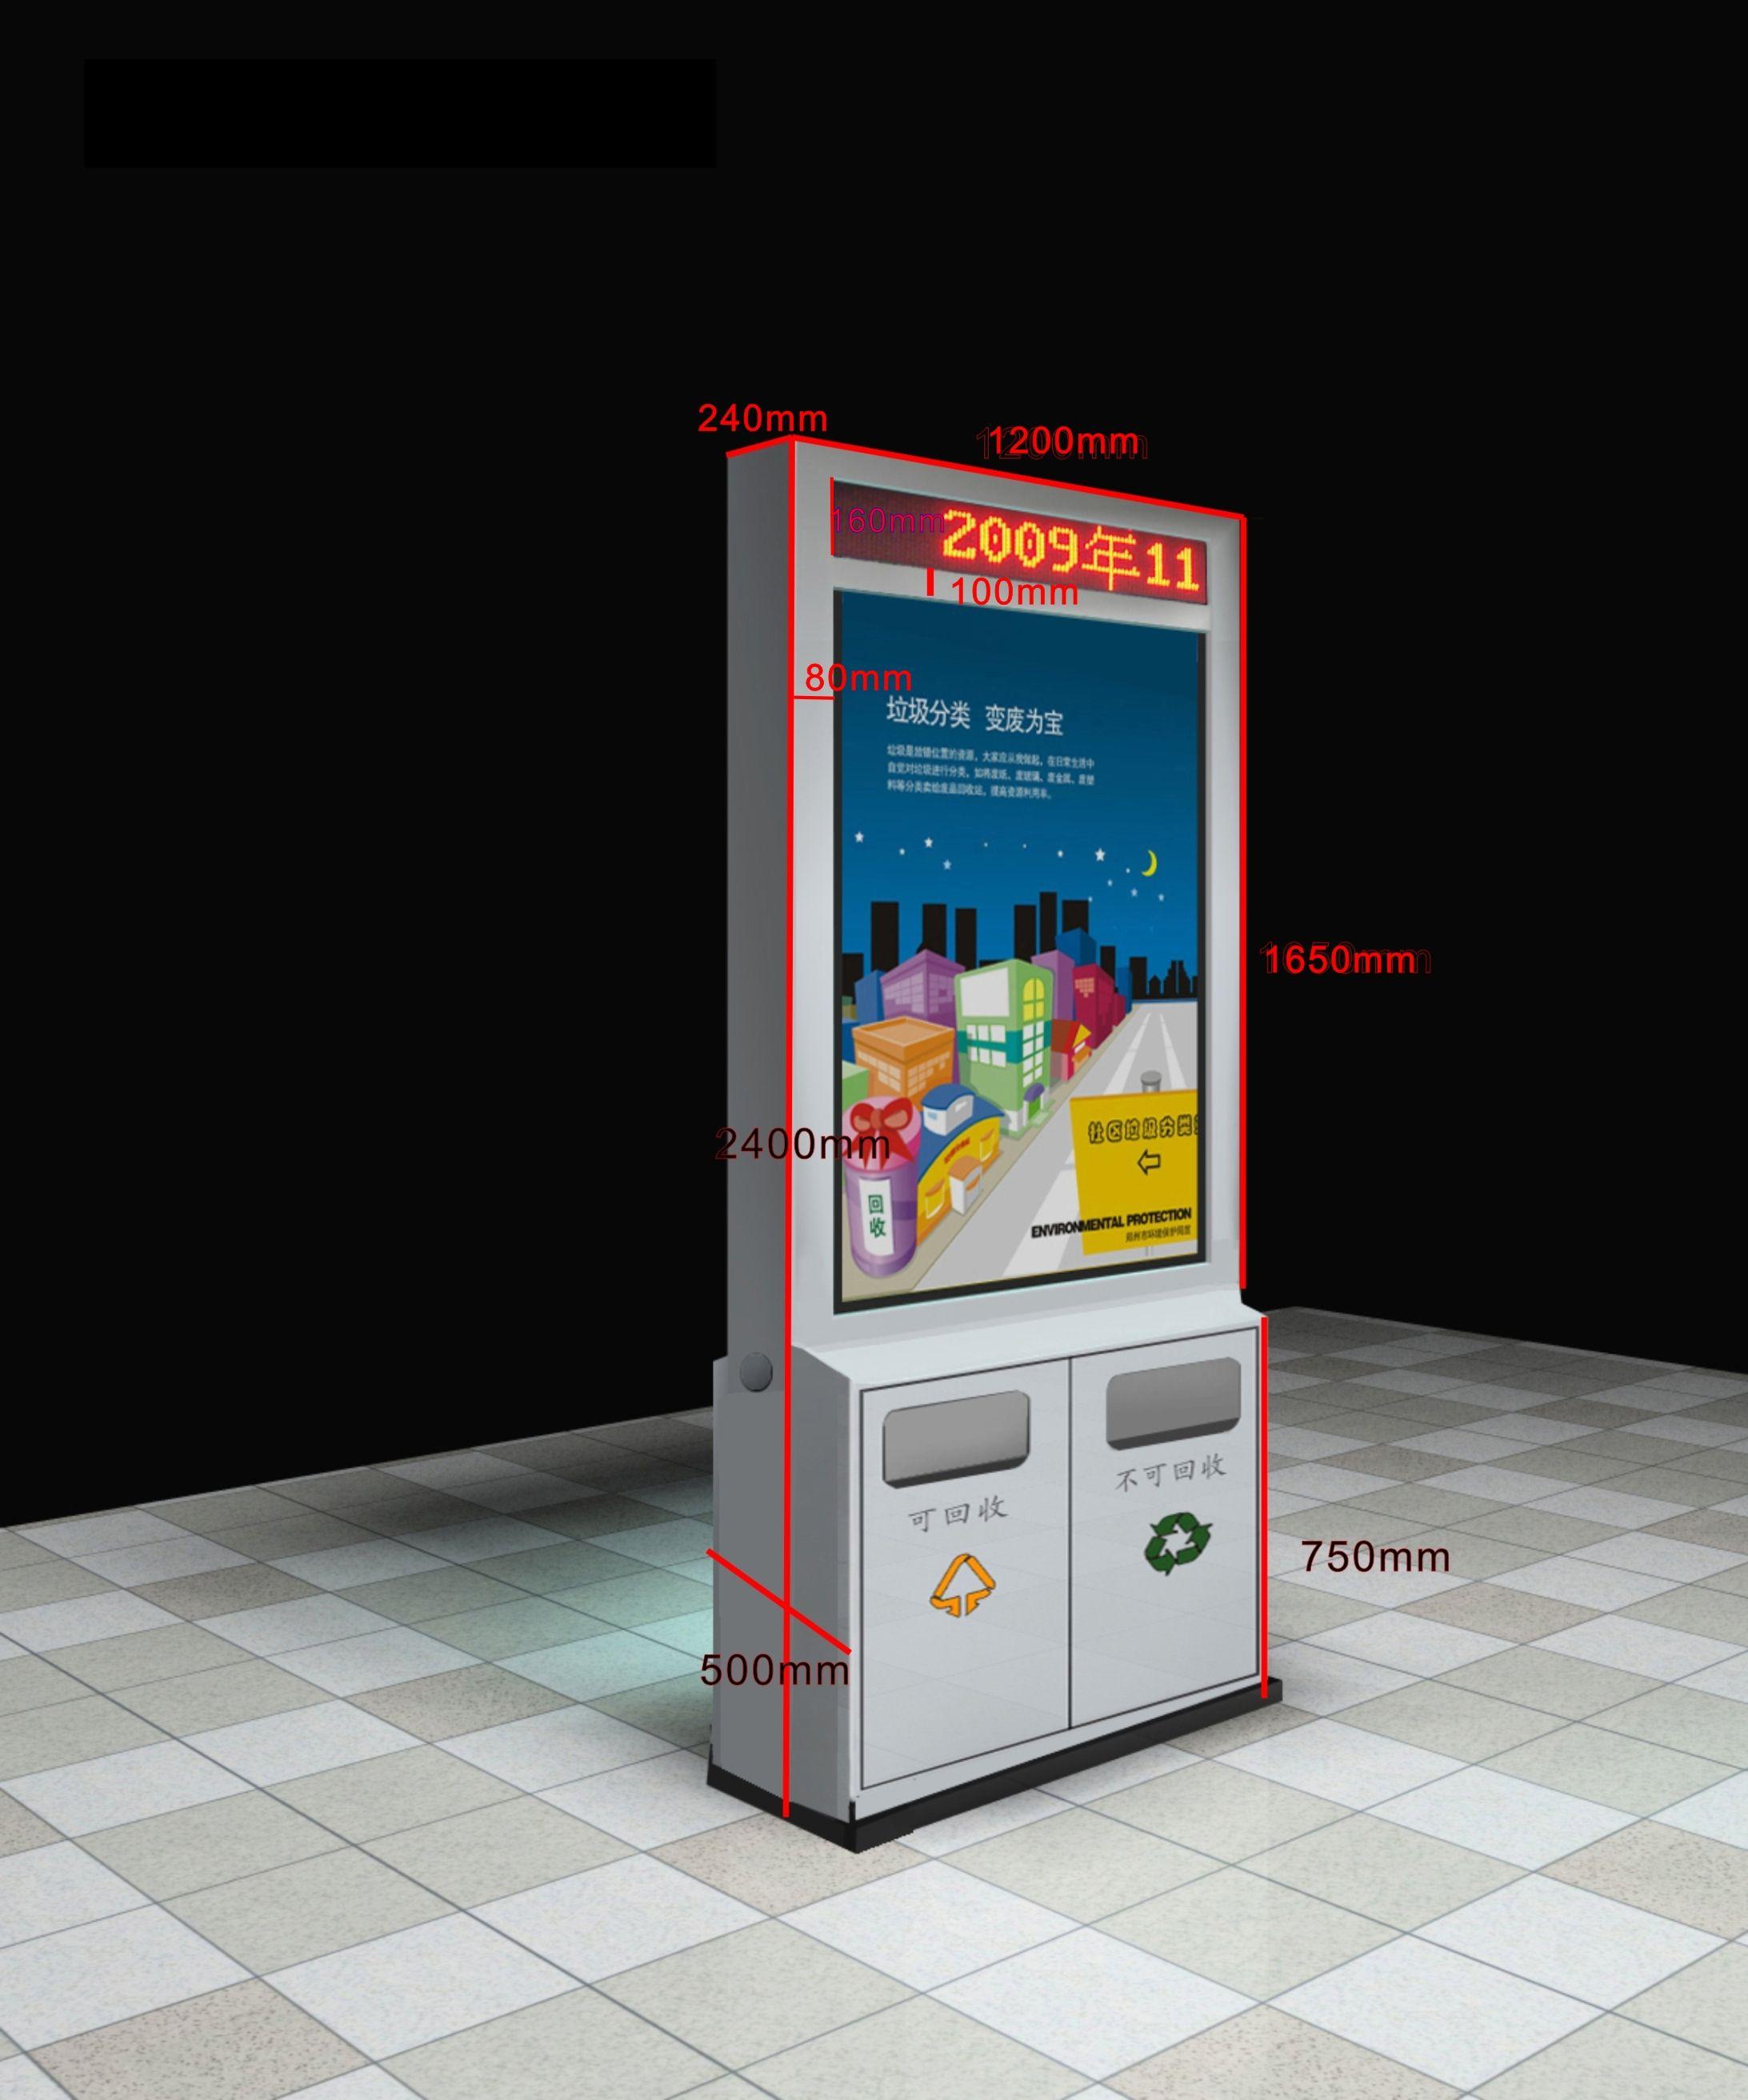 朝阳太阳能广告果皮箱产品优质